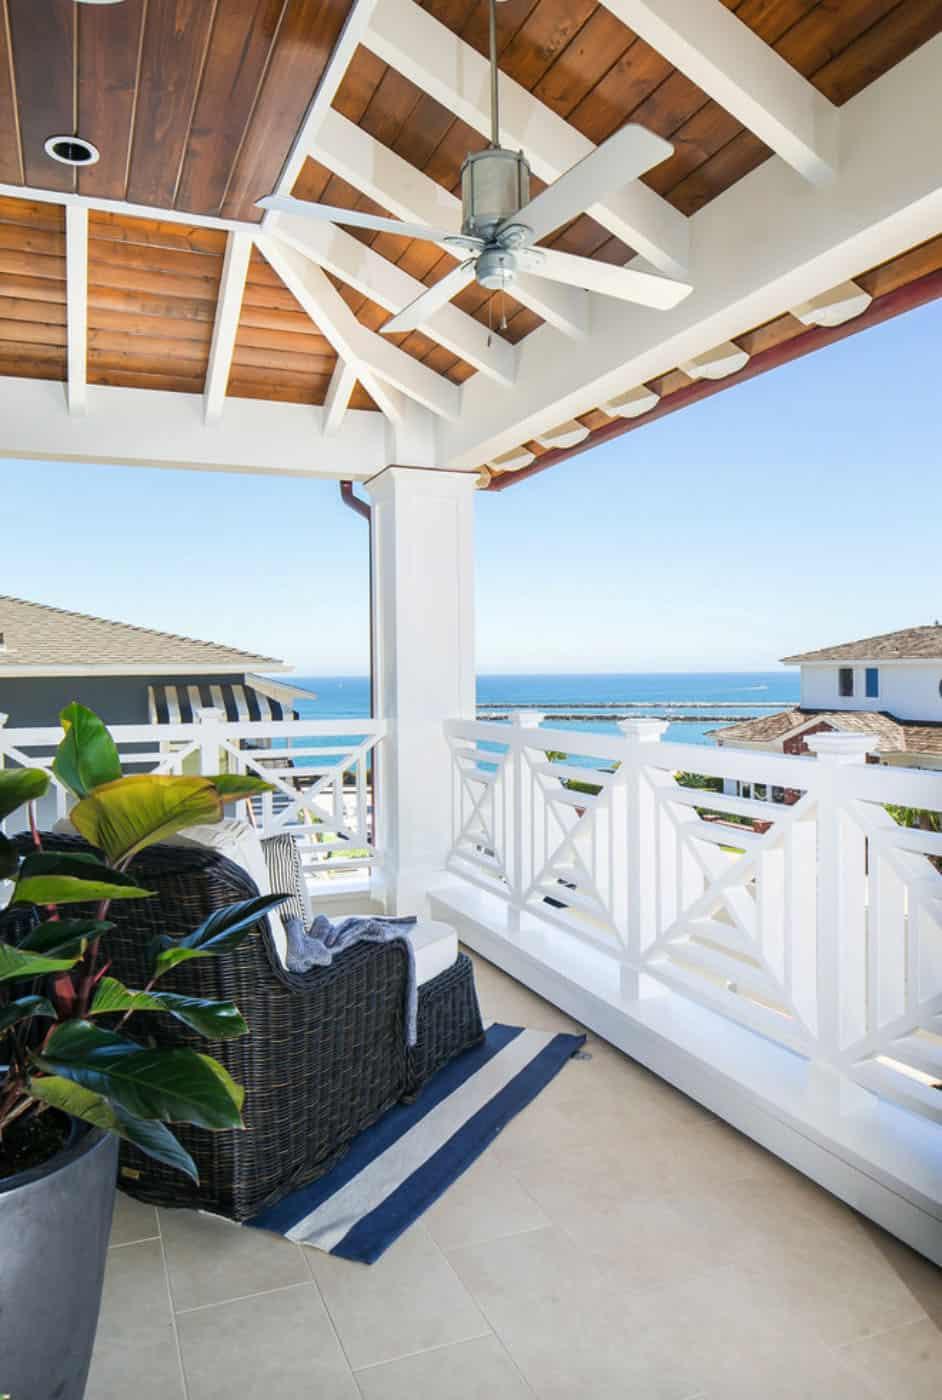 tropical-beach-style-balcony